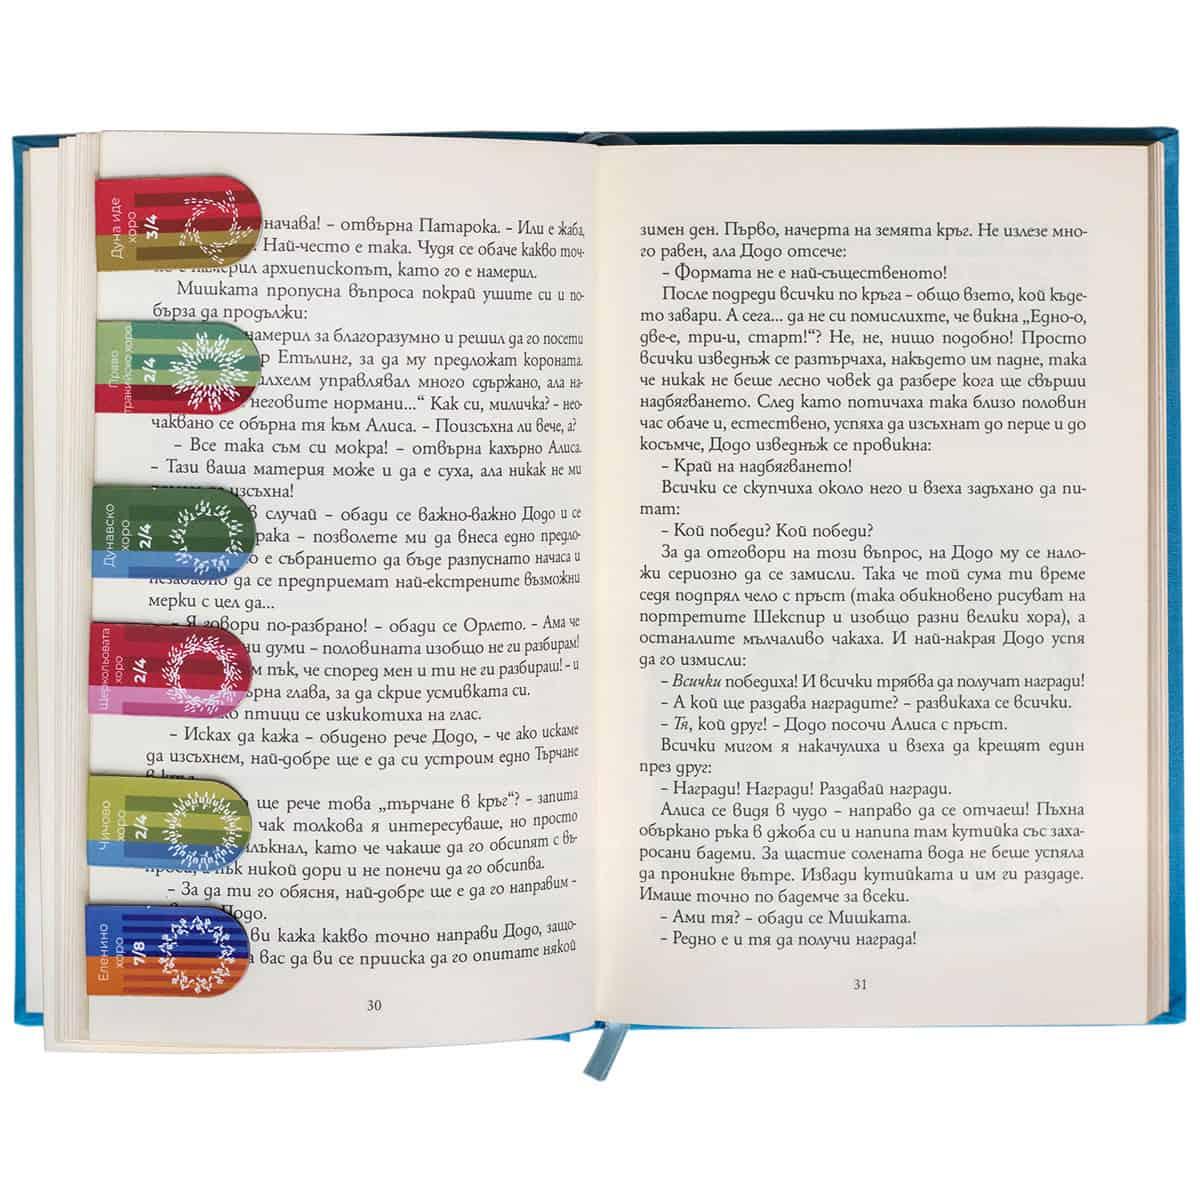 комплект магнитни книгоразделители от Таратанци в книга